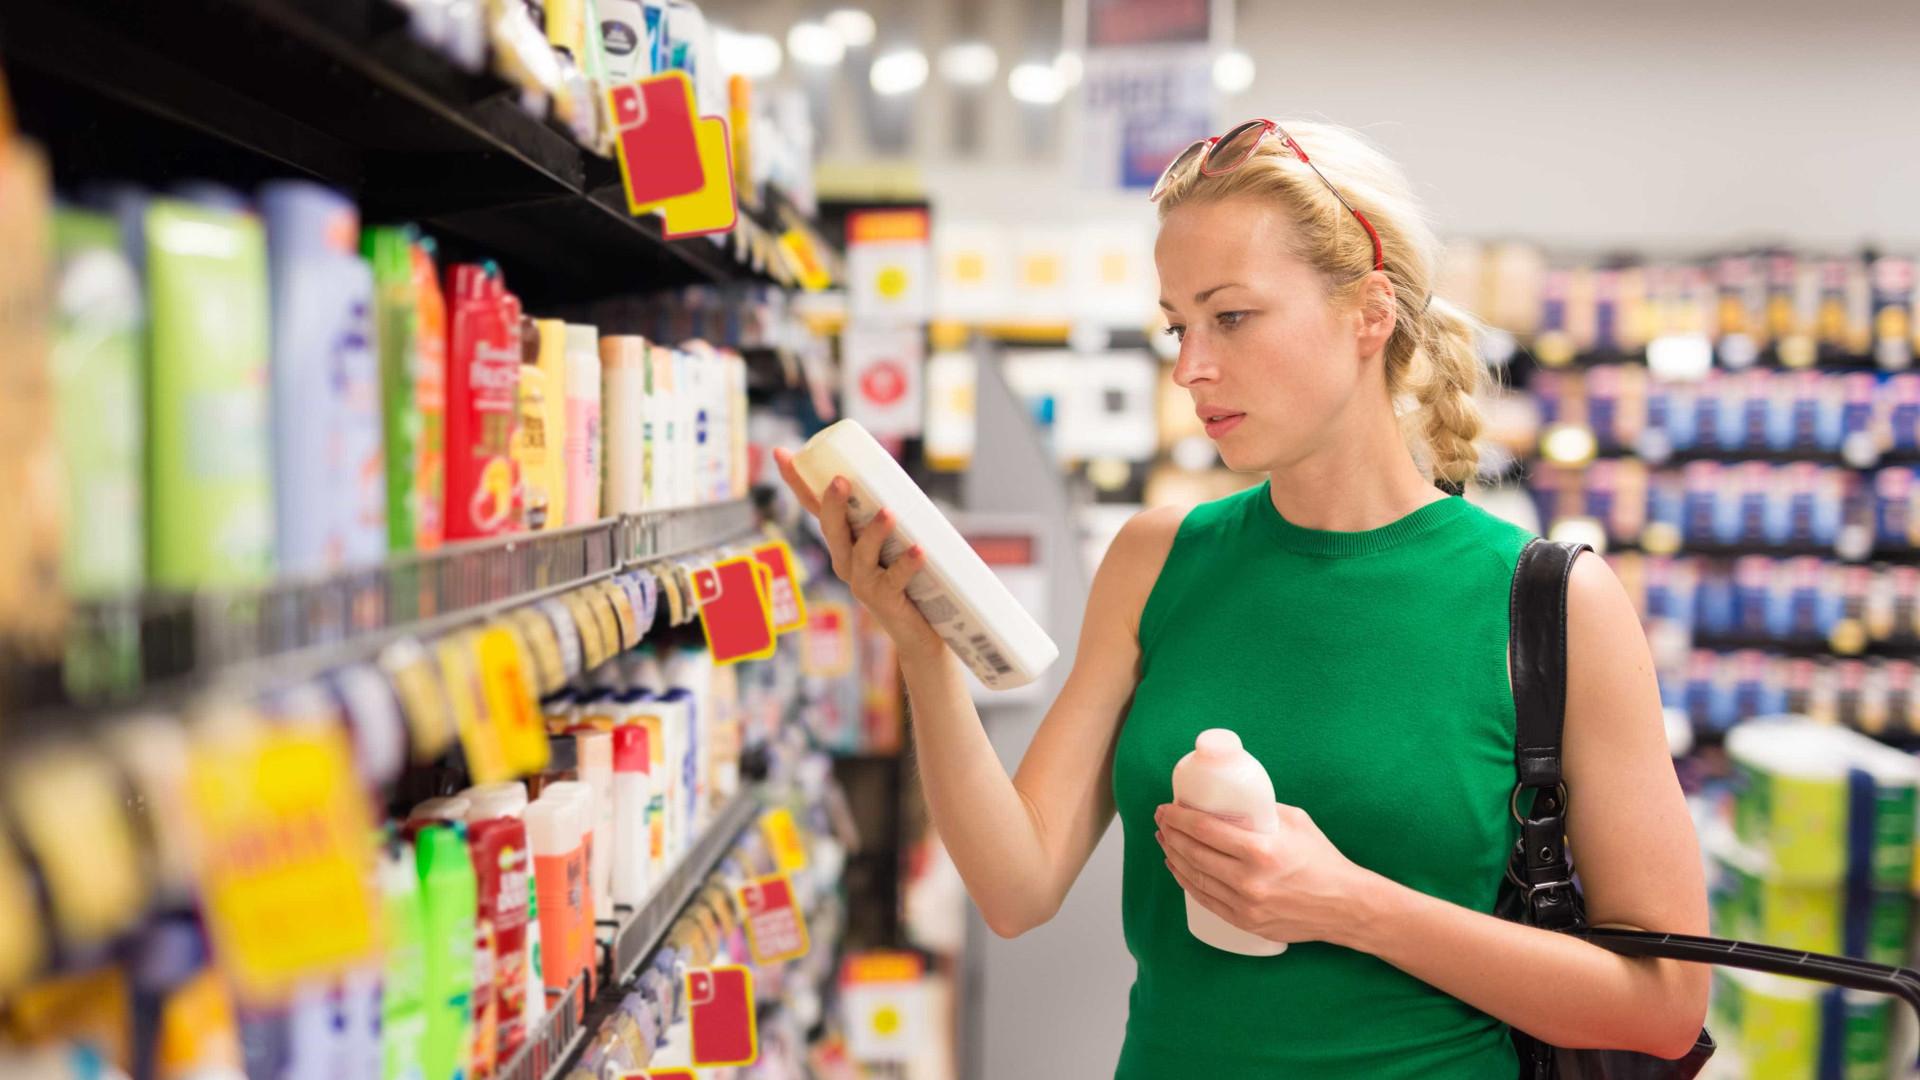 Marcas de produtos alimentares 'enganam' Europa de leste